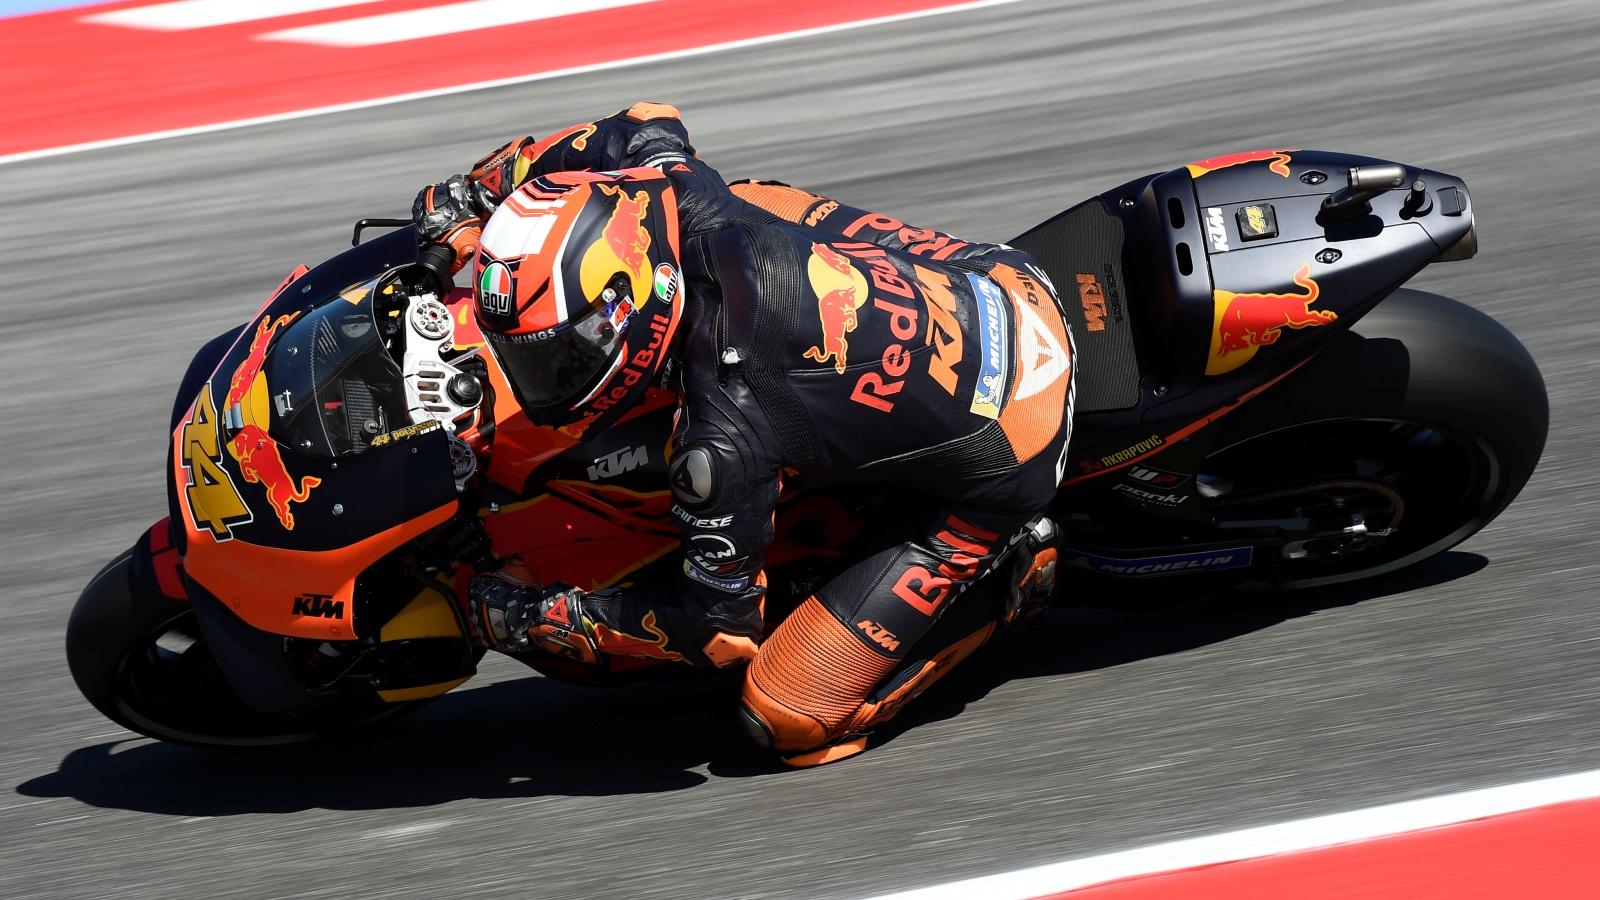 MotoGP 2020 congela la ganancia de concesiones y otorga una prórroga a KTM y Aprilia